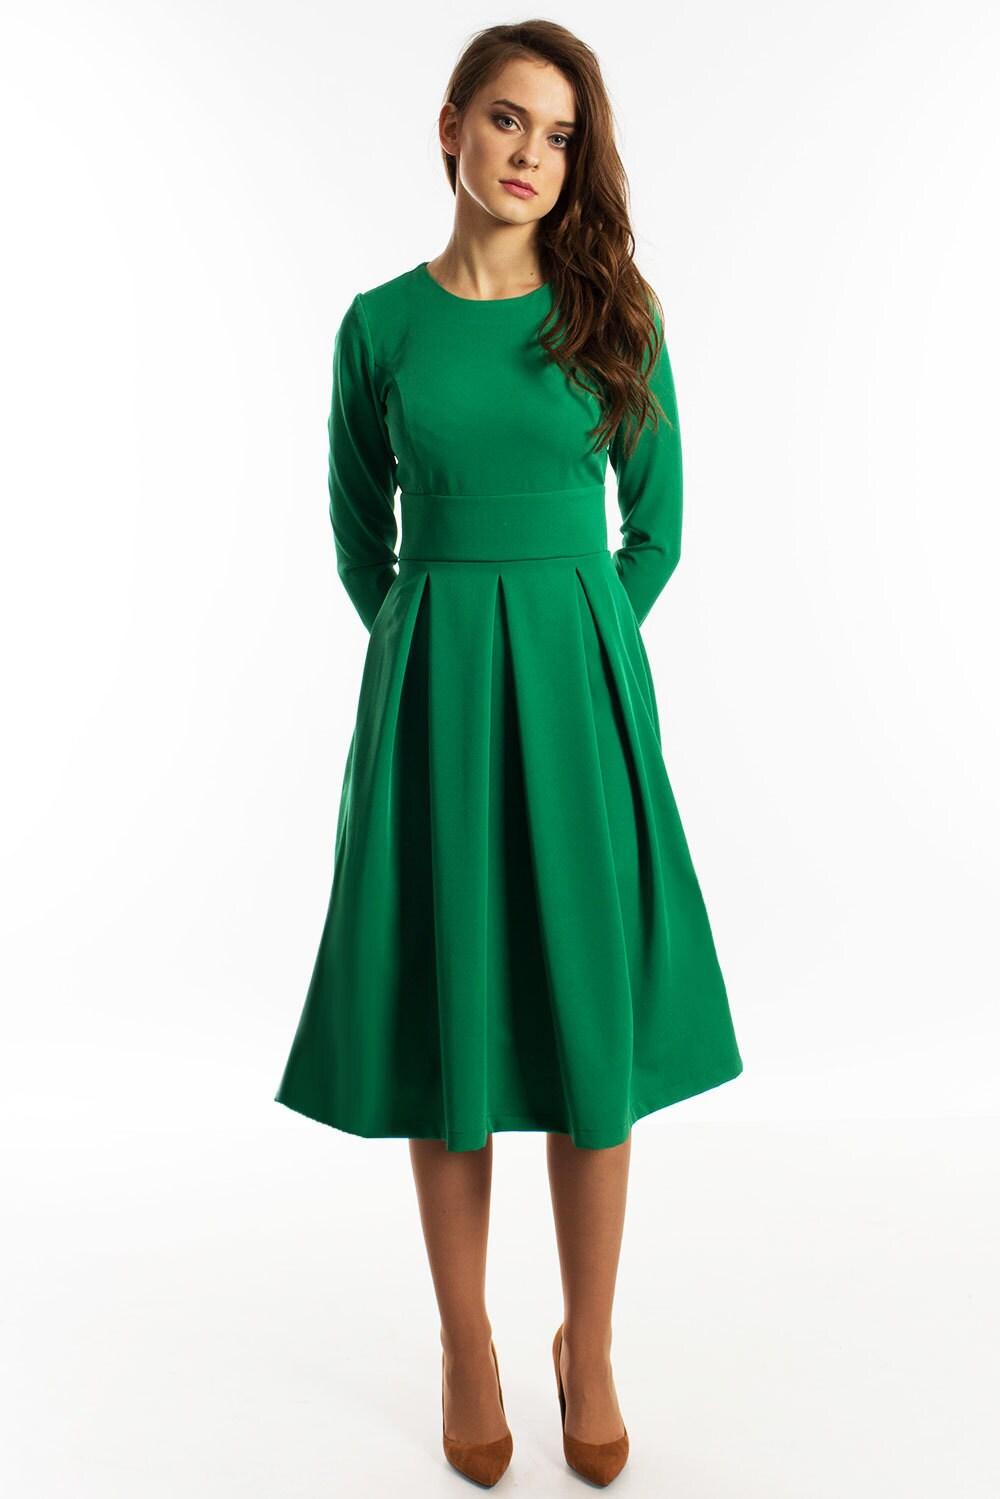 Grüne Brautjungfernkleid minimalistische lange Ärmel Kleid